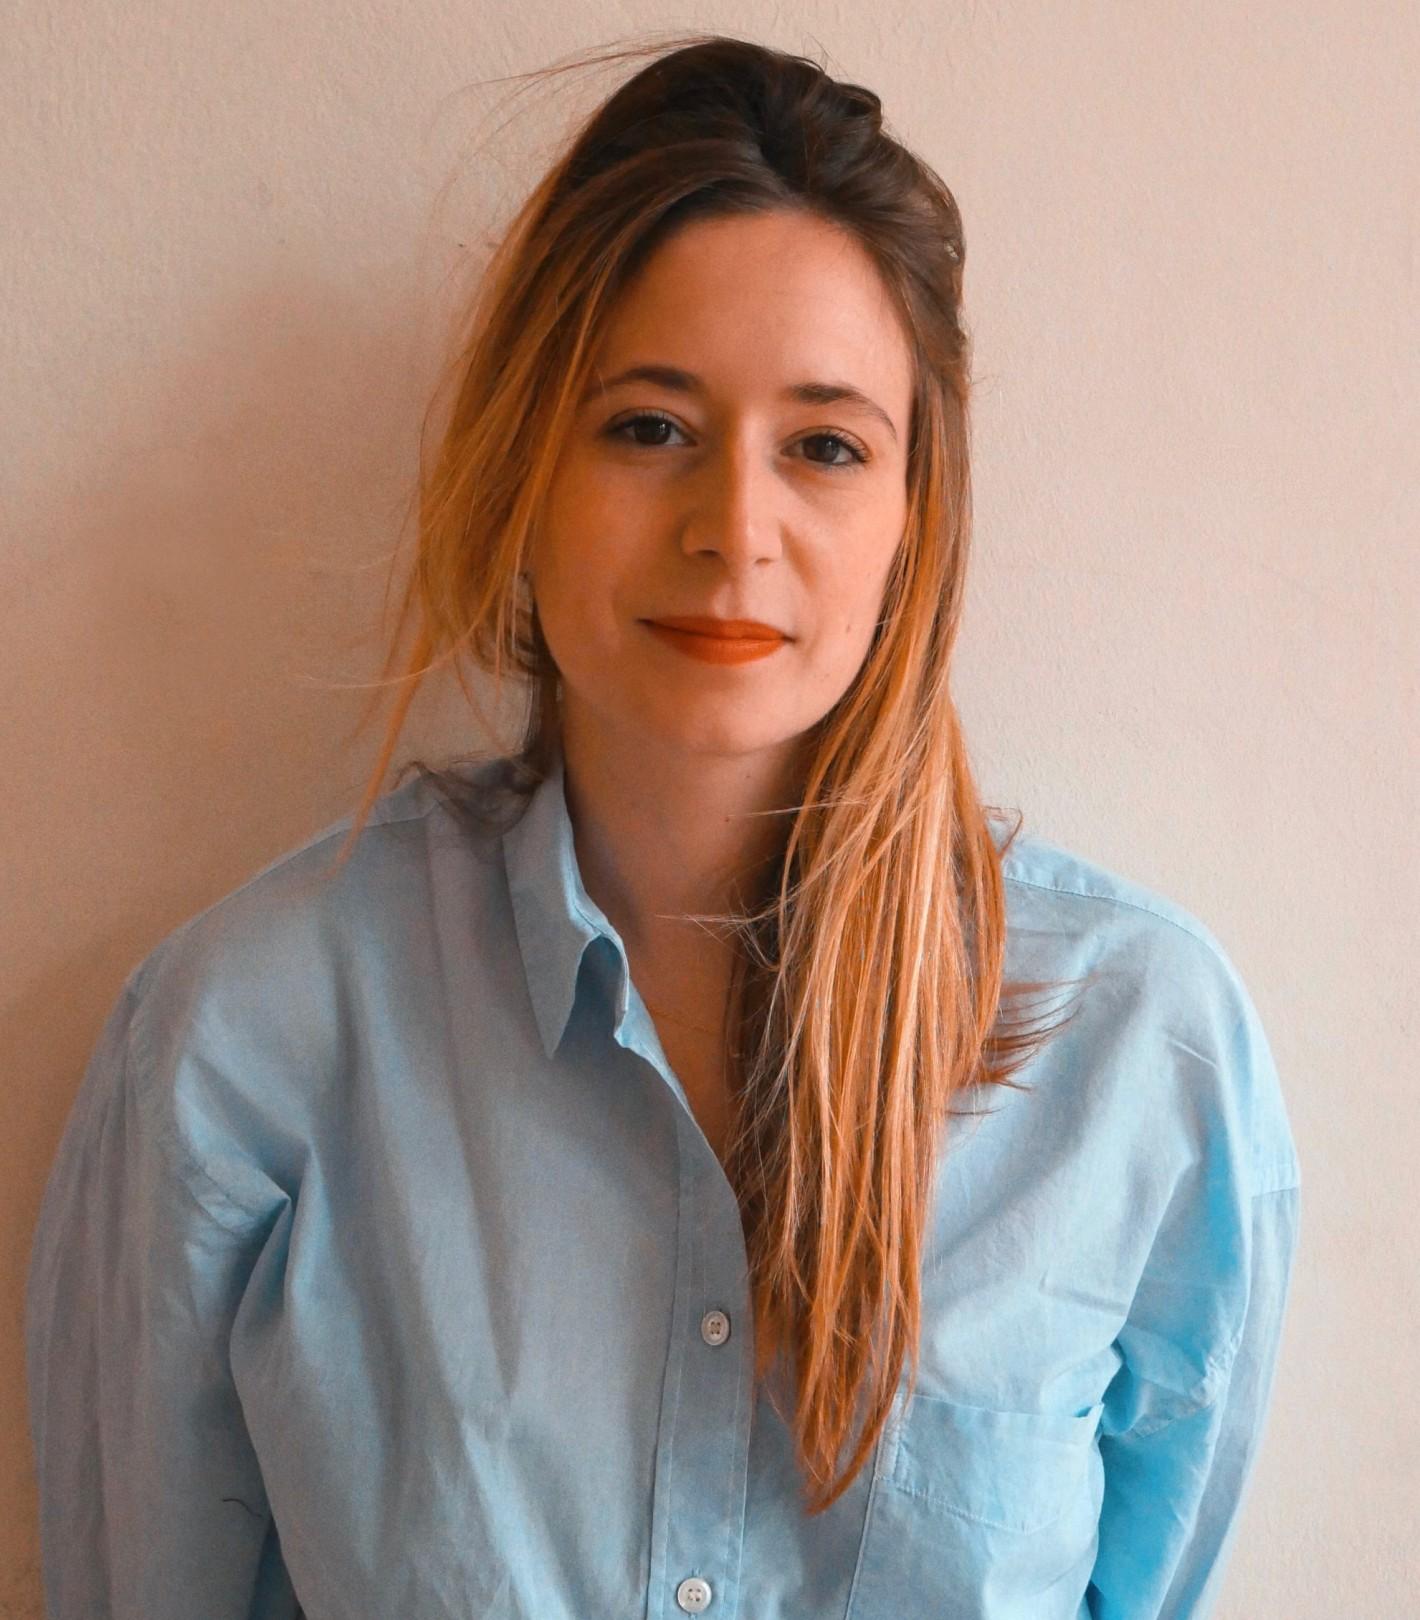 Ariane Bromberger